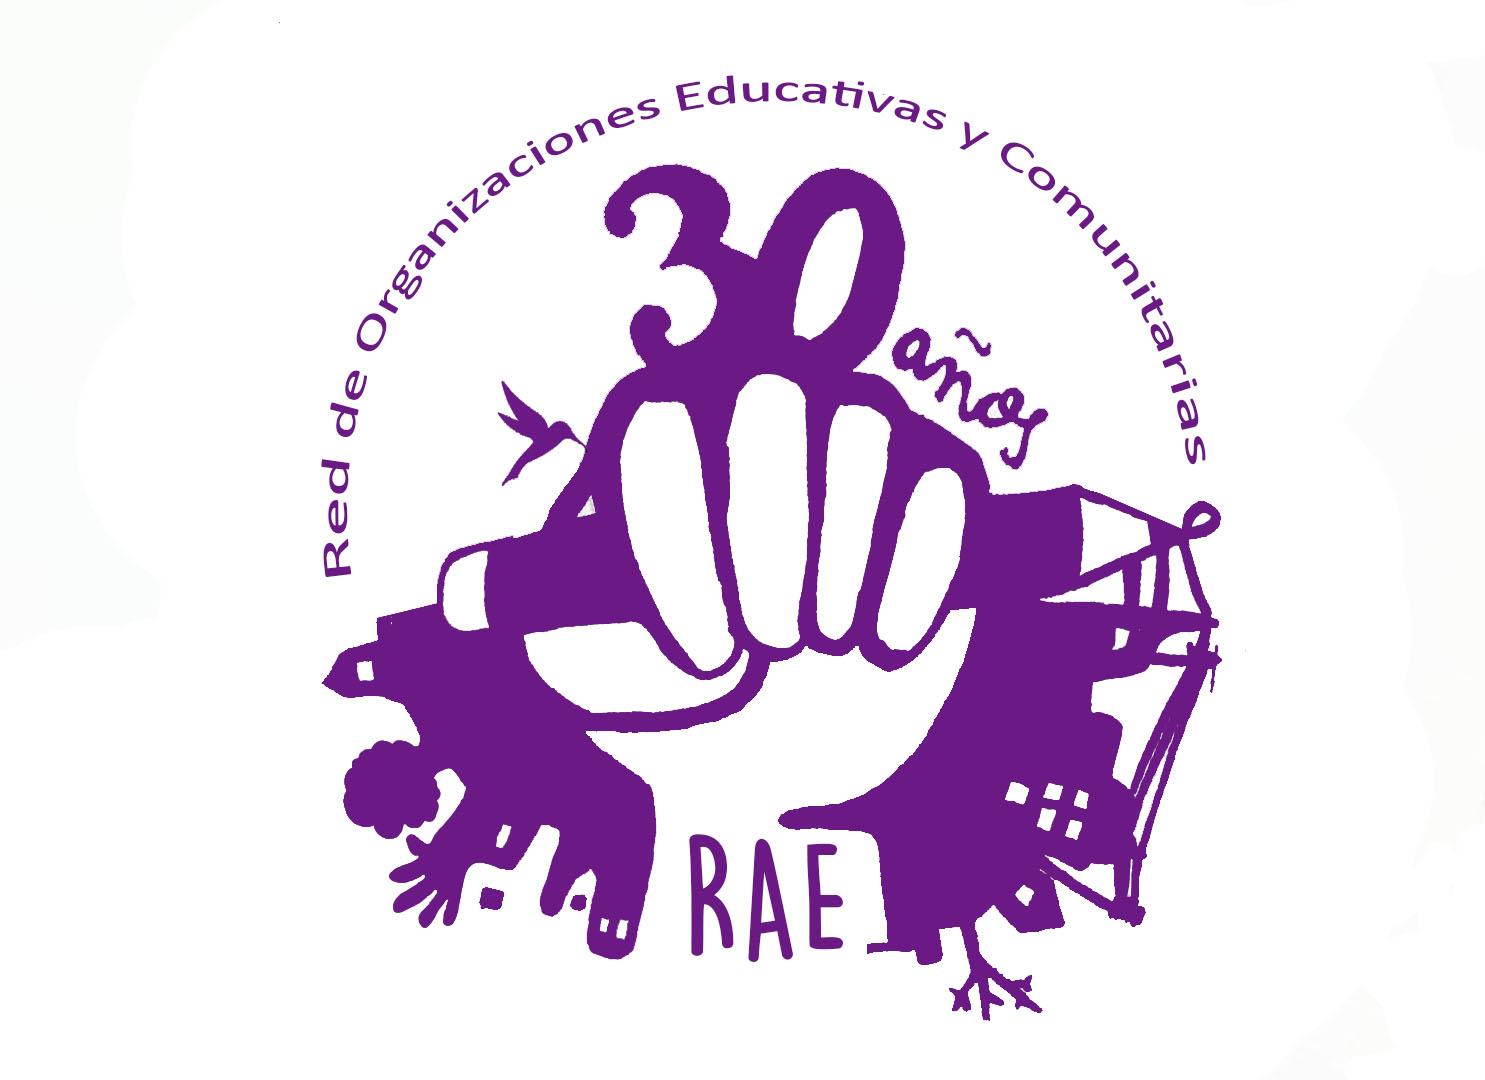 logo de RAE (Red de Organizaciones Comunitarias y Educativas